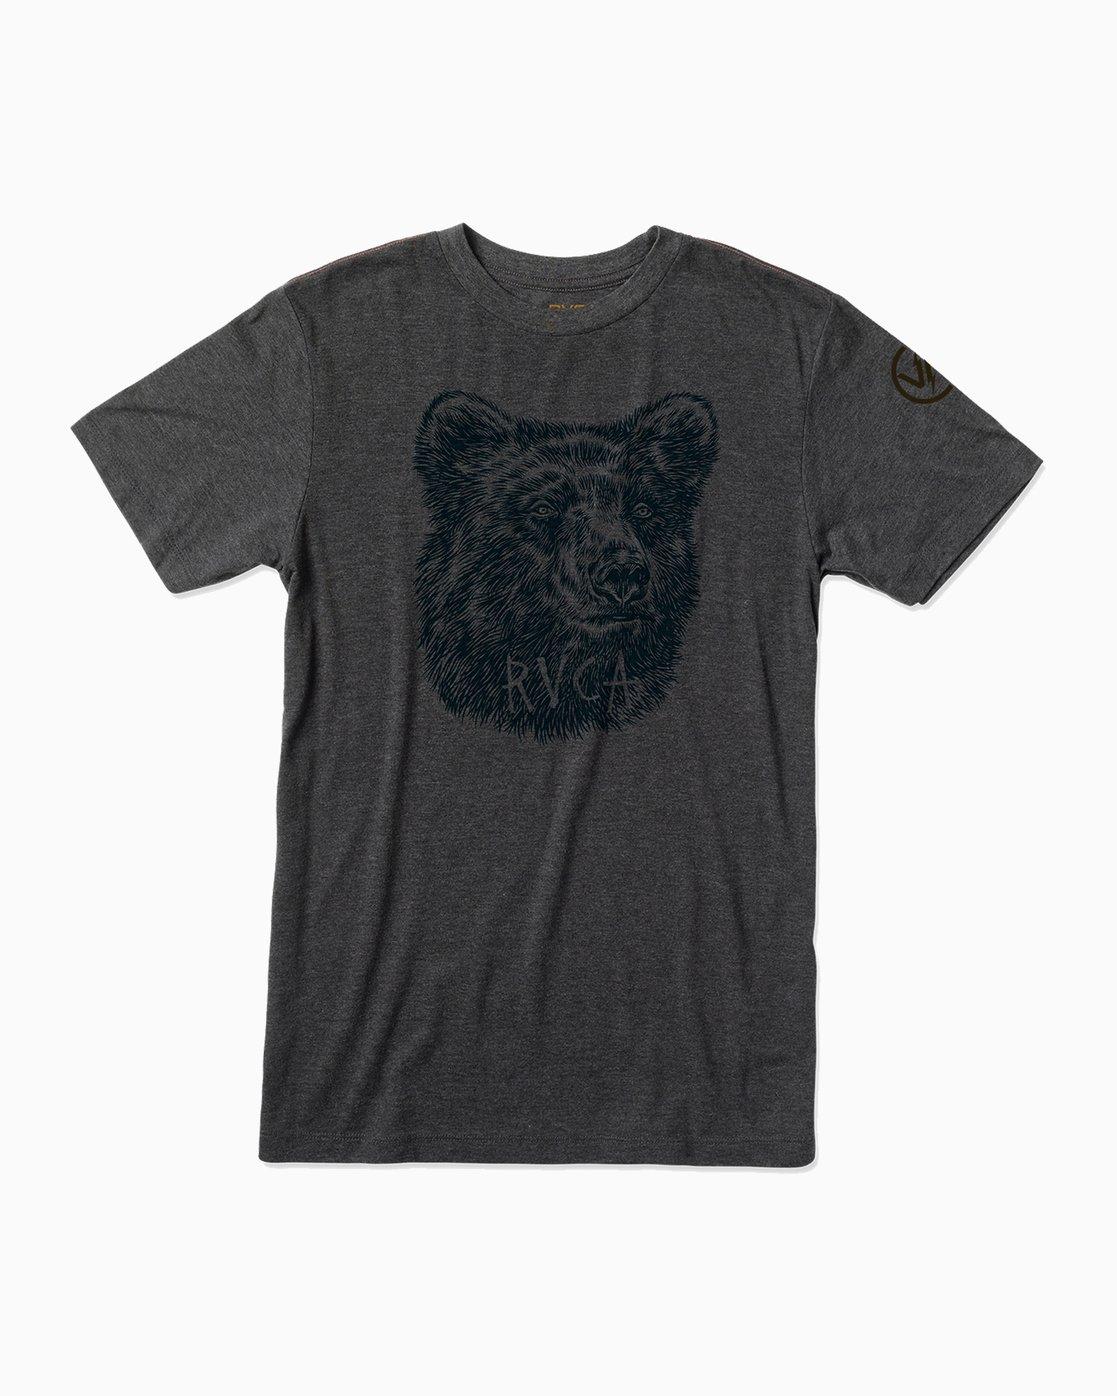 0 Ben Horton Grizzly T-Shirt Black M420500G RVCA